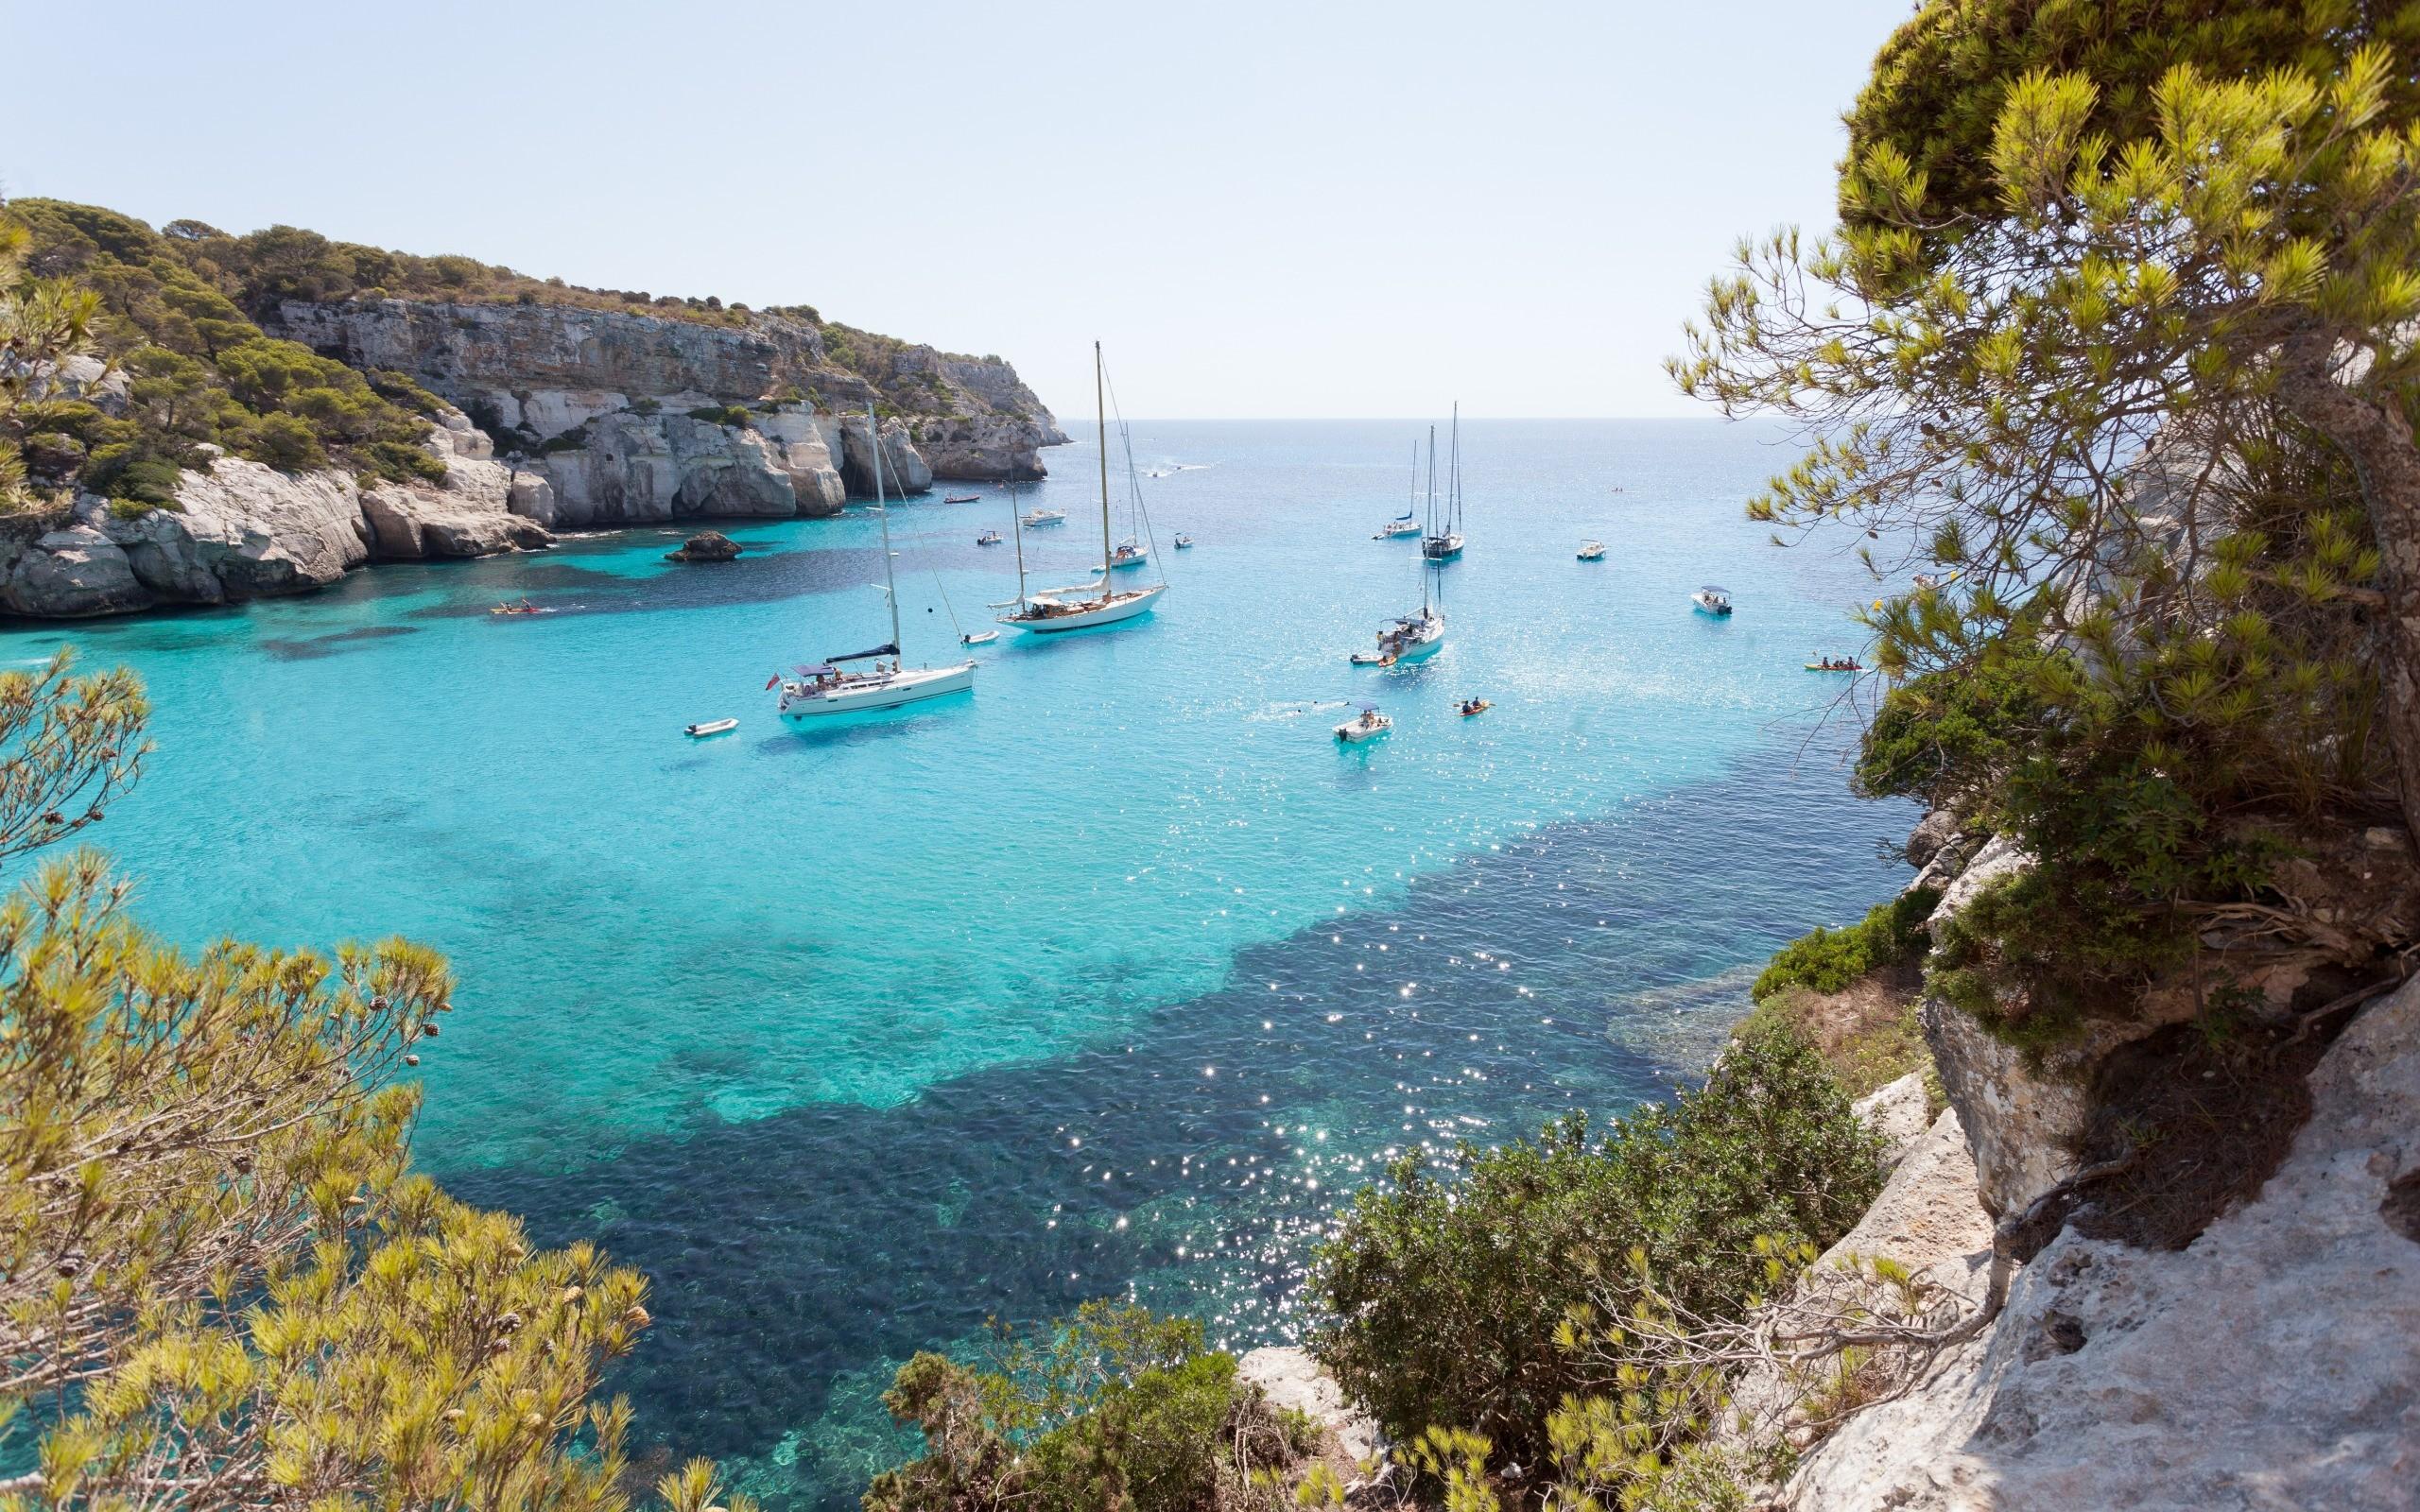 Res: 2560x1600, Mediterranean Sea, bay, summer, yachts, sailboats, boats, travel, vacation